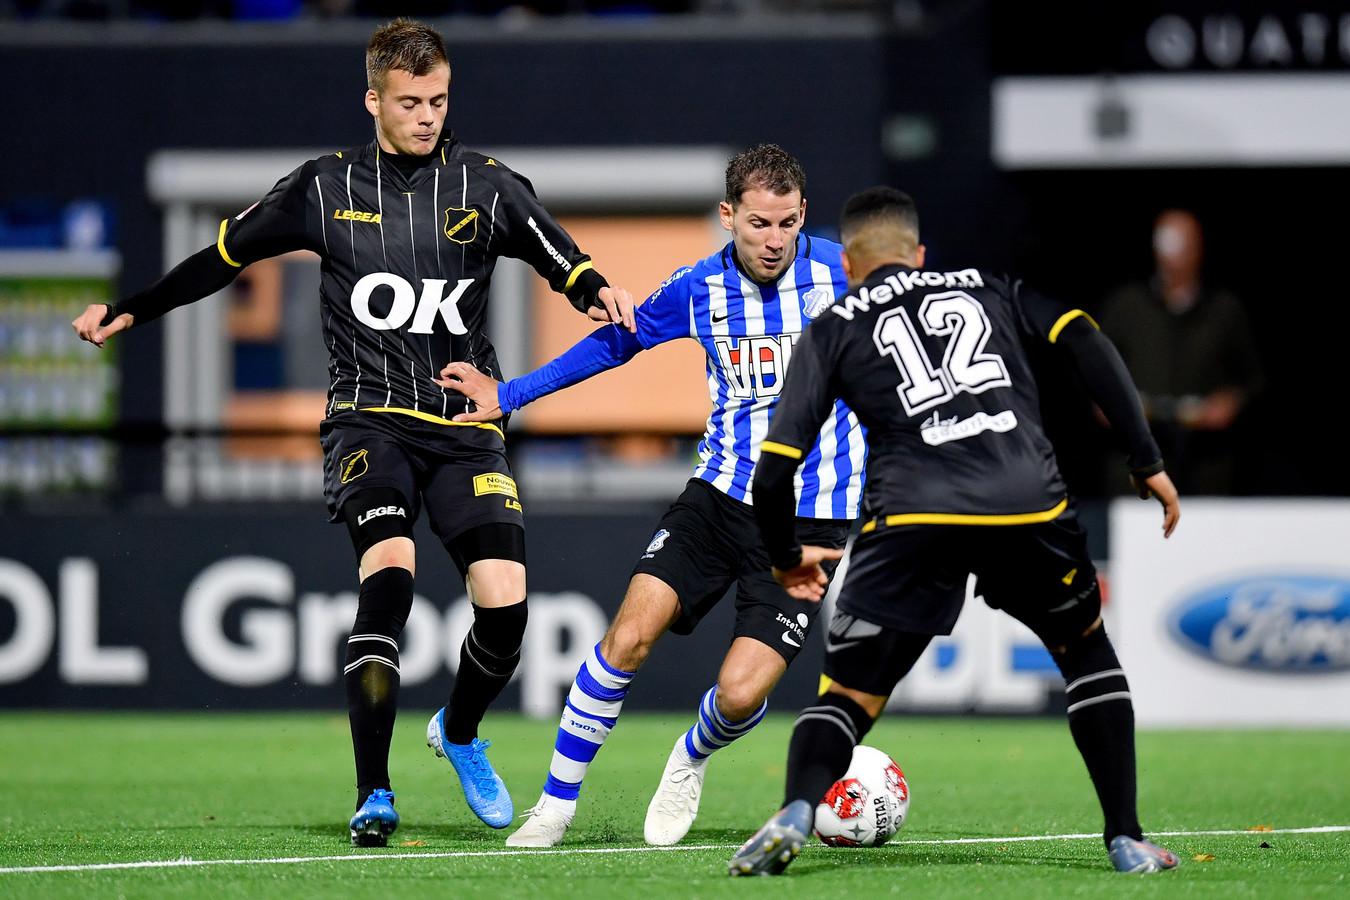 Joey Sleegers scoorde vrijdag nog in het duel met NAC (2-2), maar viel uit tegen Jong PSV (2-1 verlies) en is er op bezoek bij Almere City niet bij.